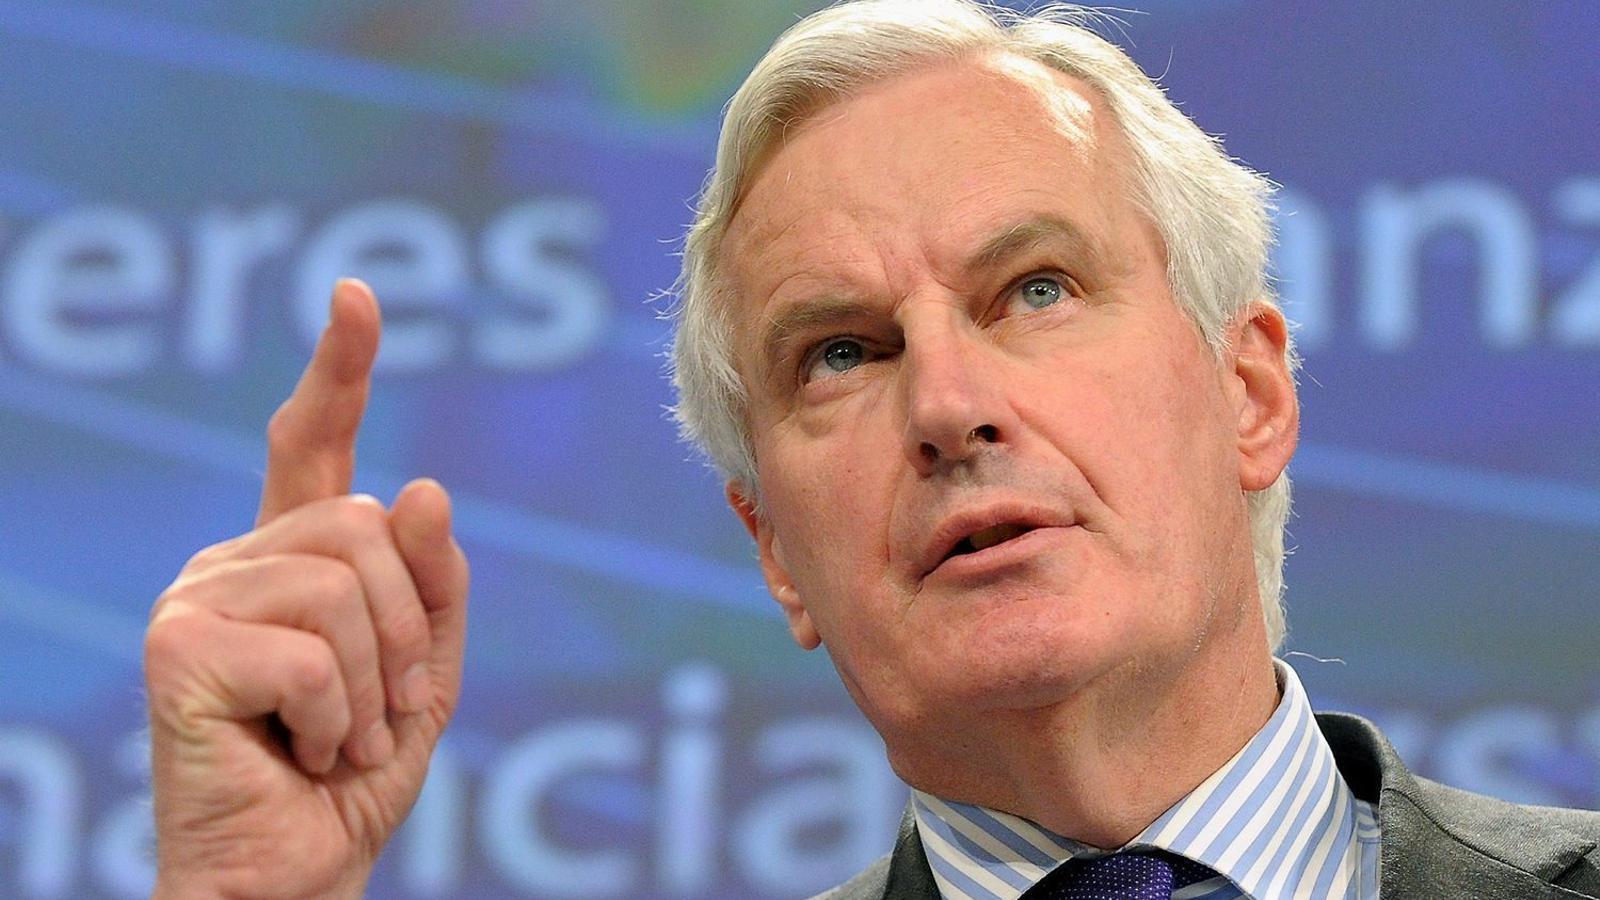 Brussel·les nomena un francès per negociar el Brexit